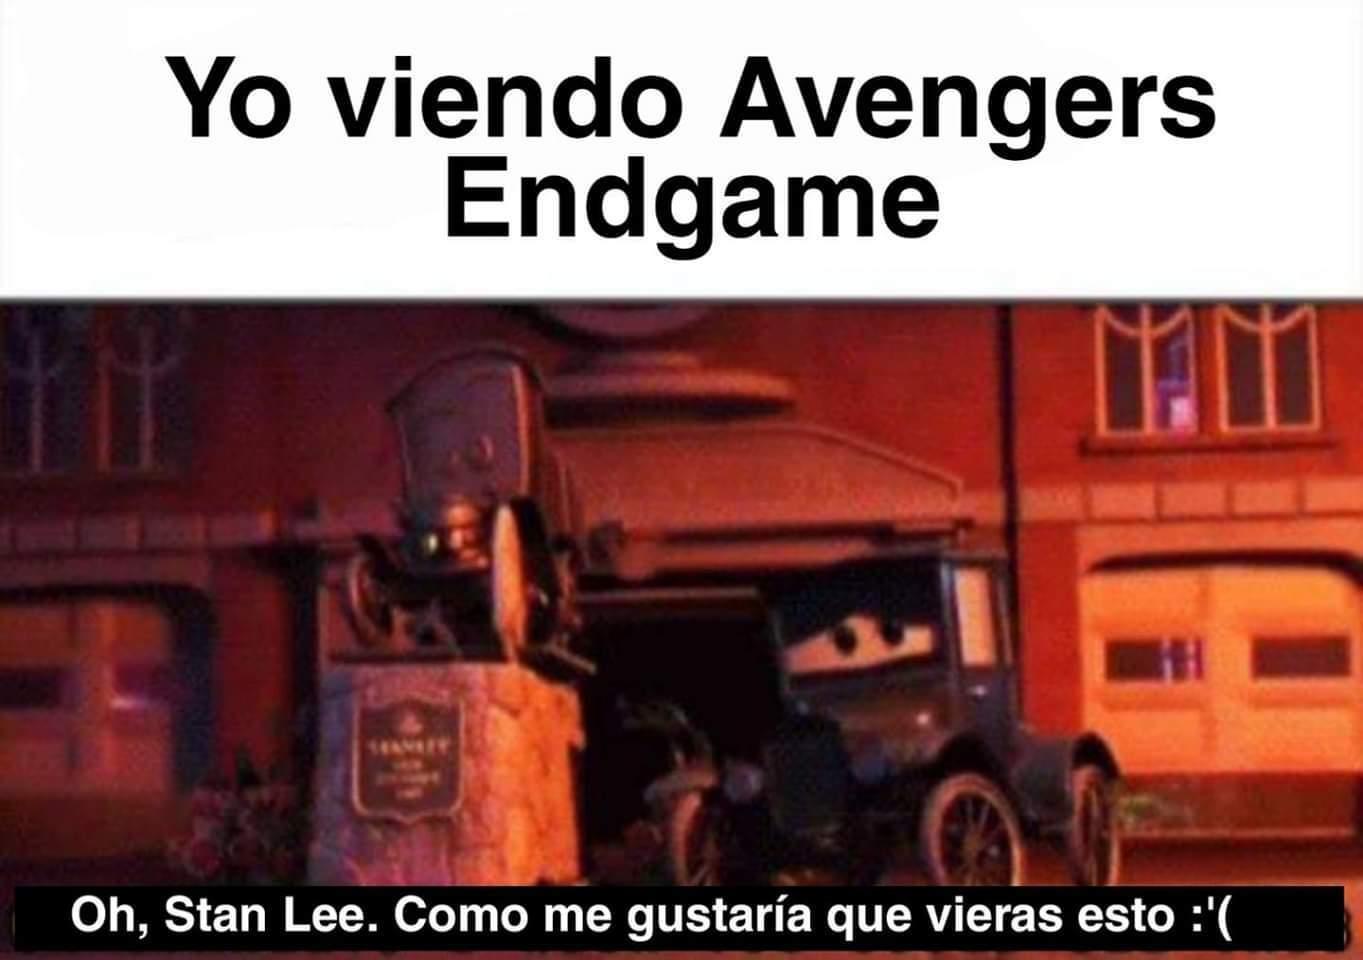 QUEPD Stan Lee - meme